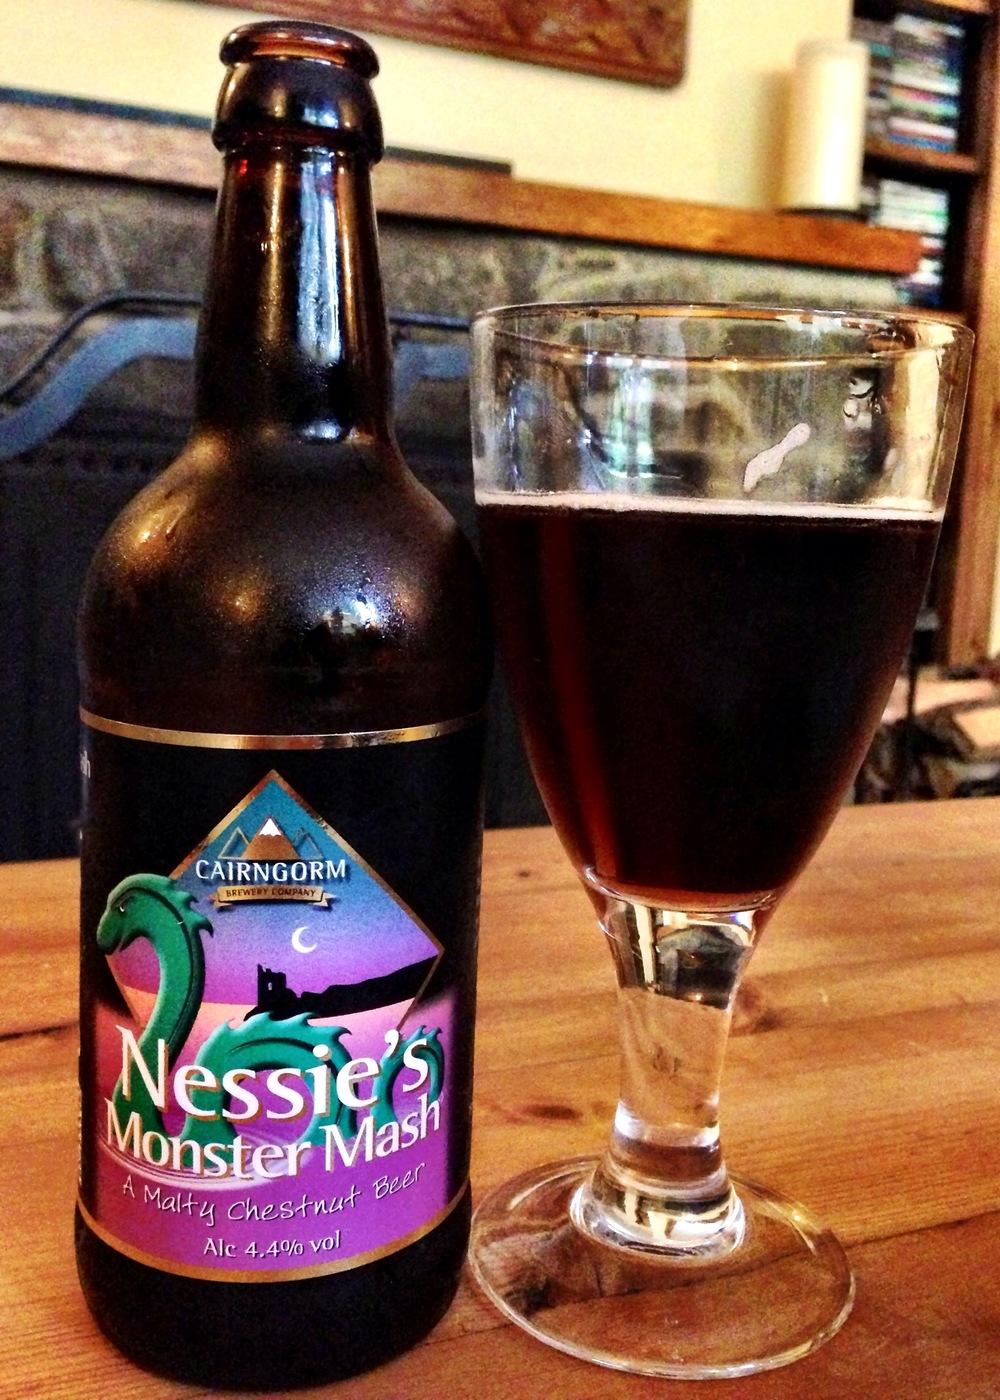 Cairngorm's Nessie's Monster Mash